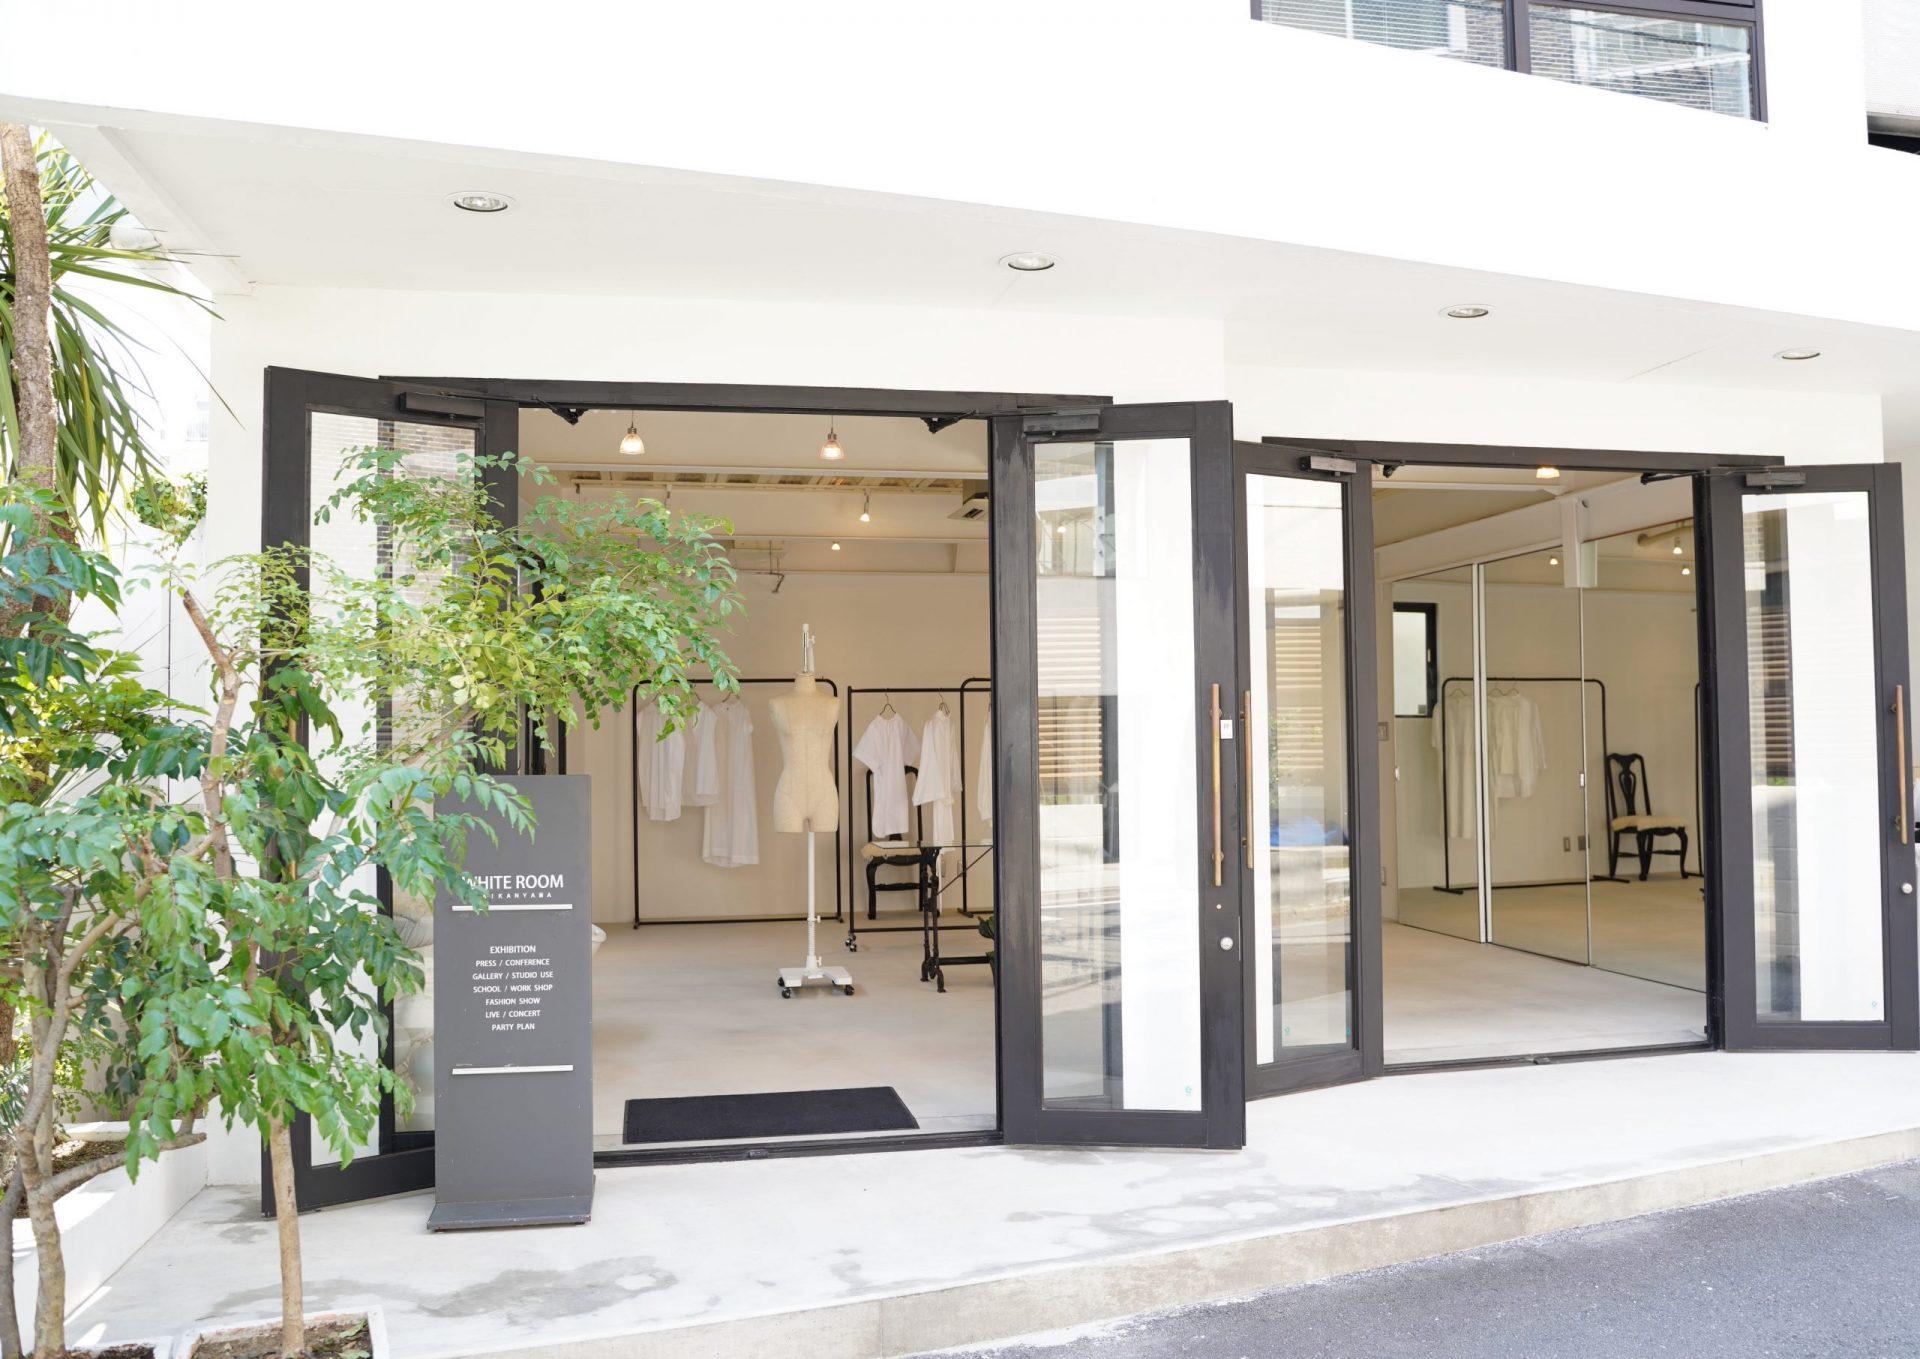 【公式】代官山・恵比寿のレンタルスペース  「代官山ホワイトルーム」